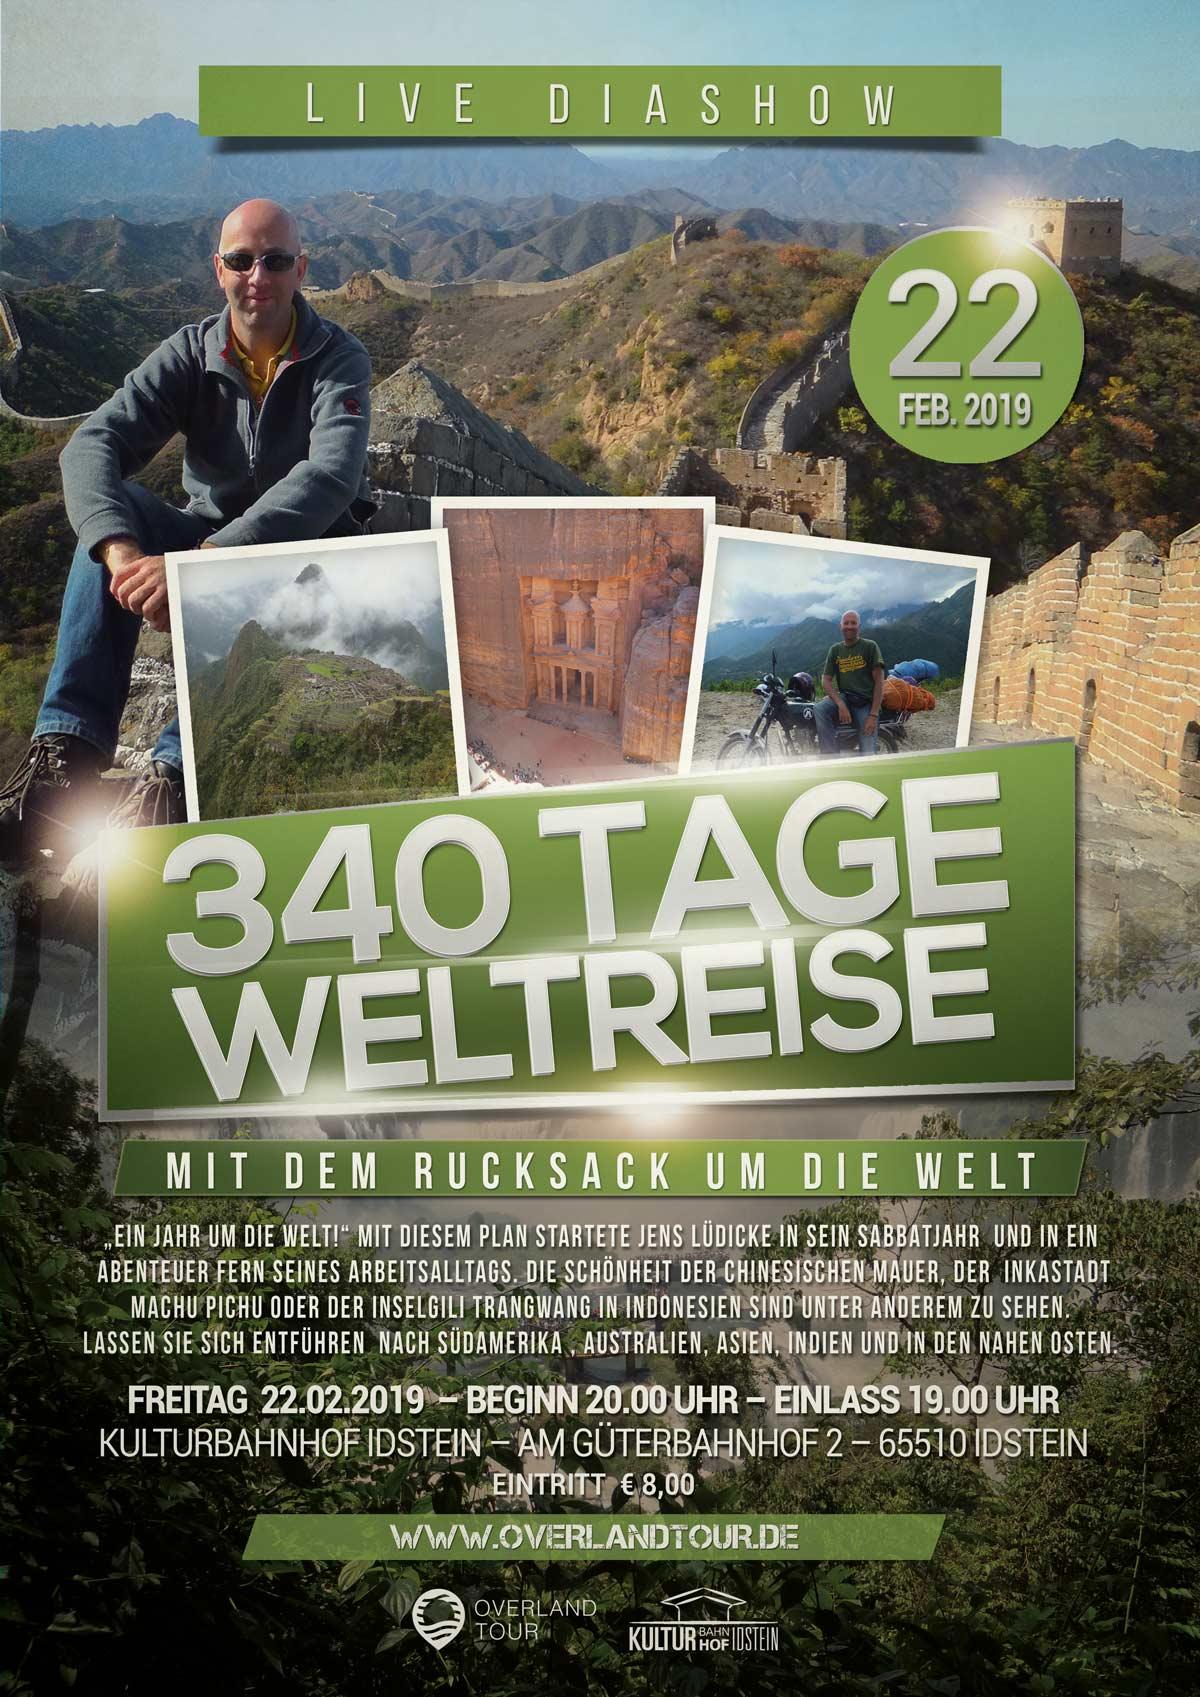 340 Weltreise - Mit dem Rucksack um die Welt - LIVE DIASHOW